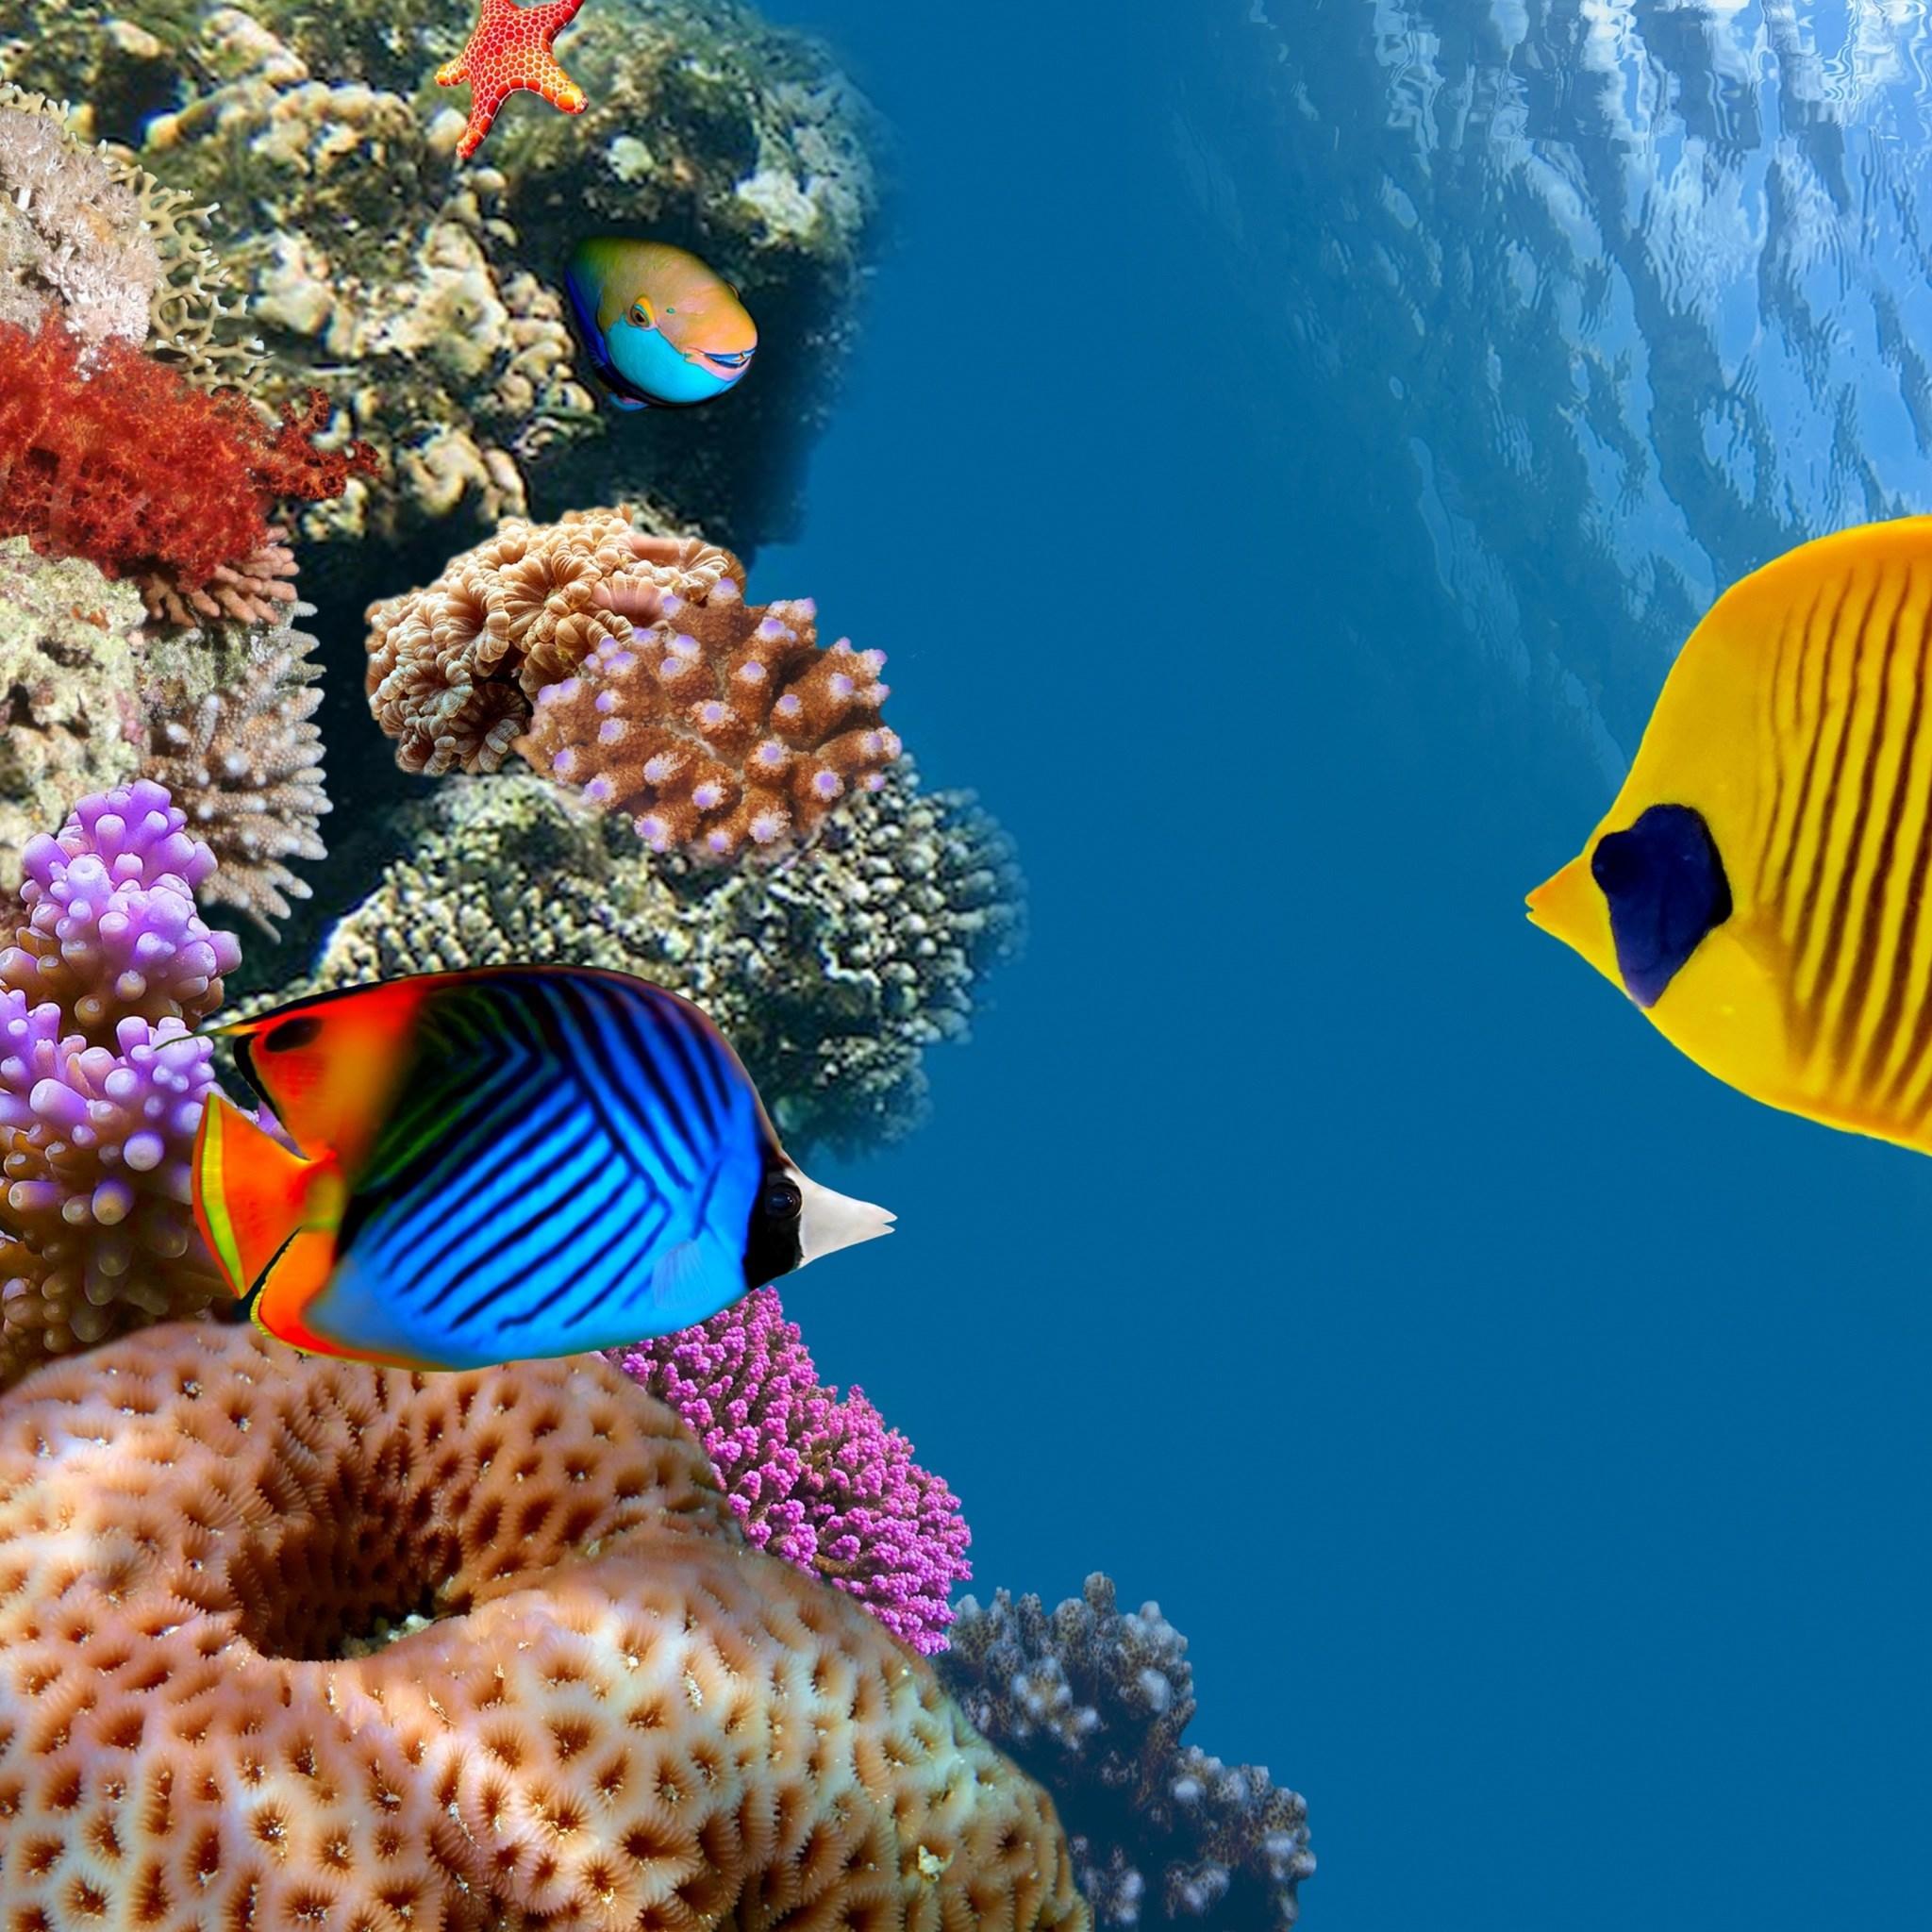 壁纸 海底 海底世界 海洋馆 水族馆 2048_2048